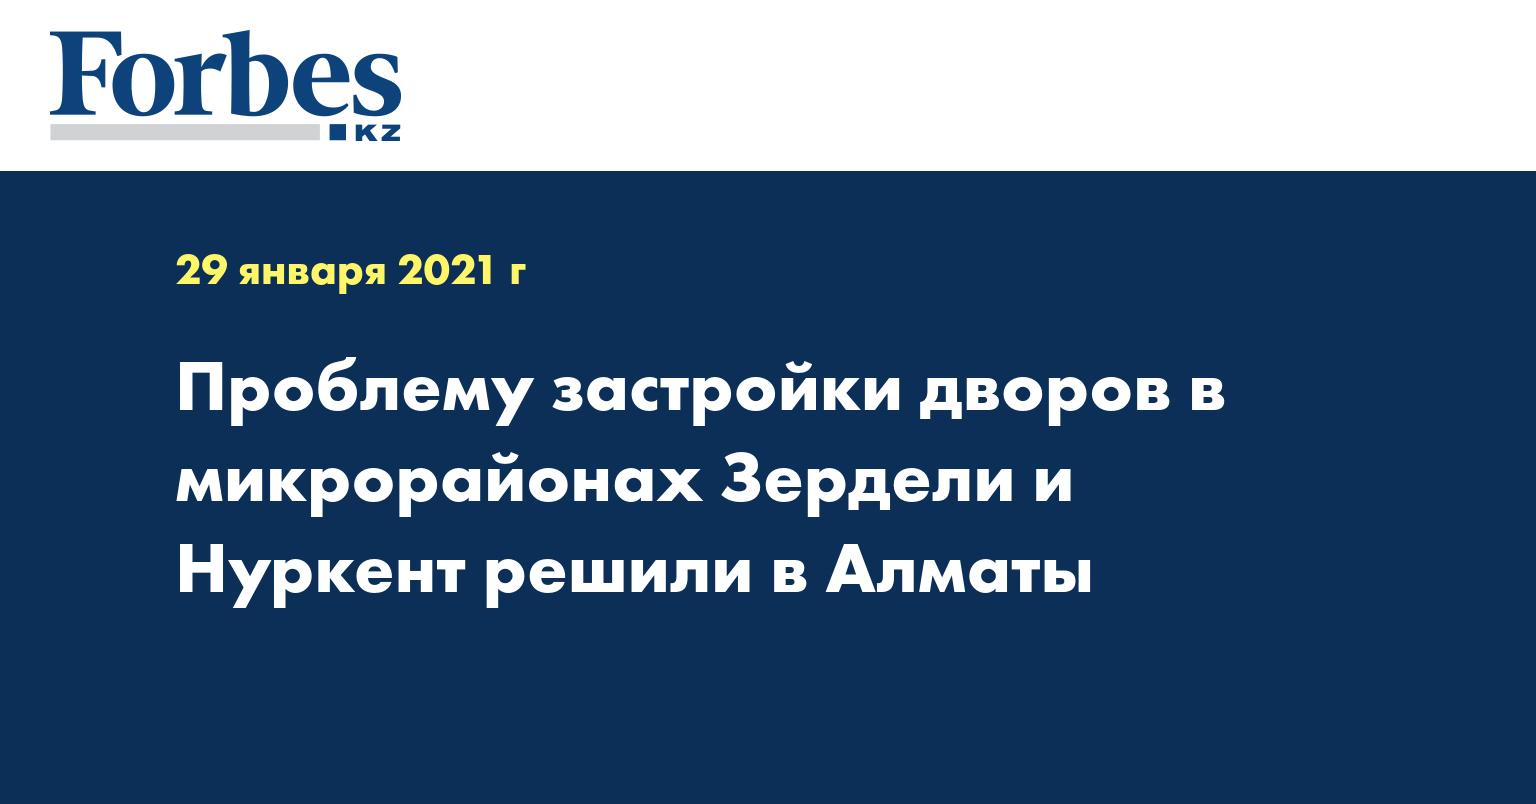 Проблему застройки дворов в микрорайонах Зердели и Нуркент решили в Алматы